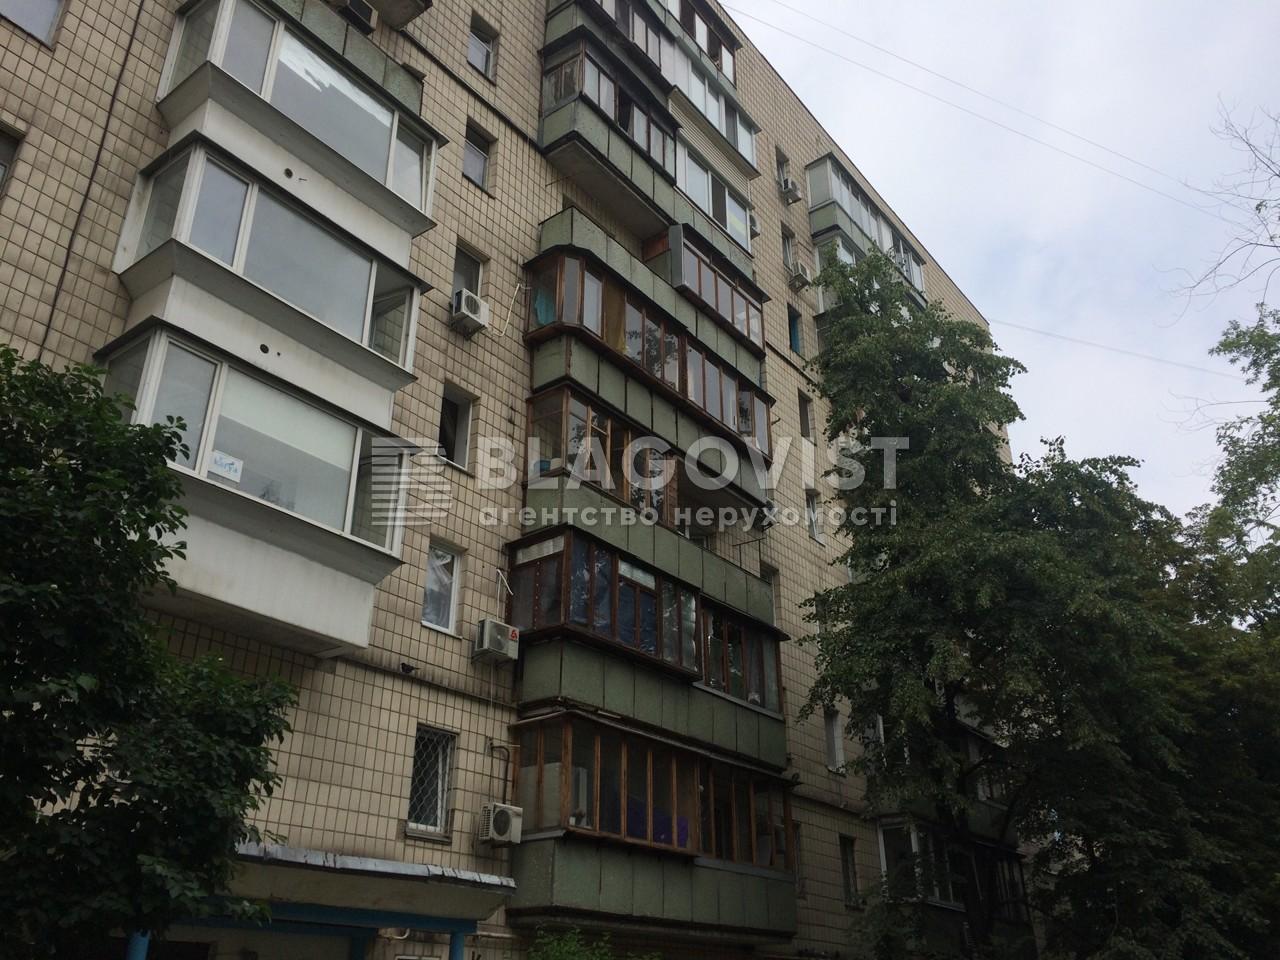 Квартира C-109321, Предславинская, 12, Киев - Фото 3